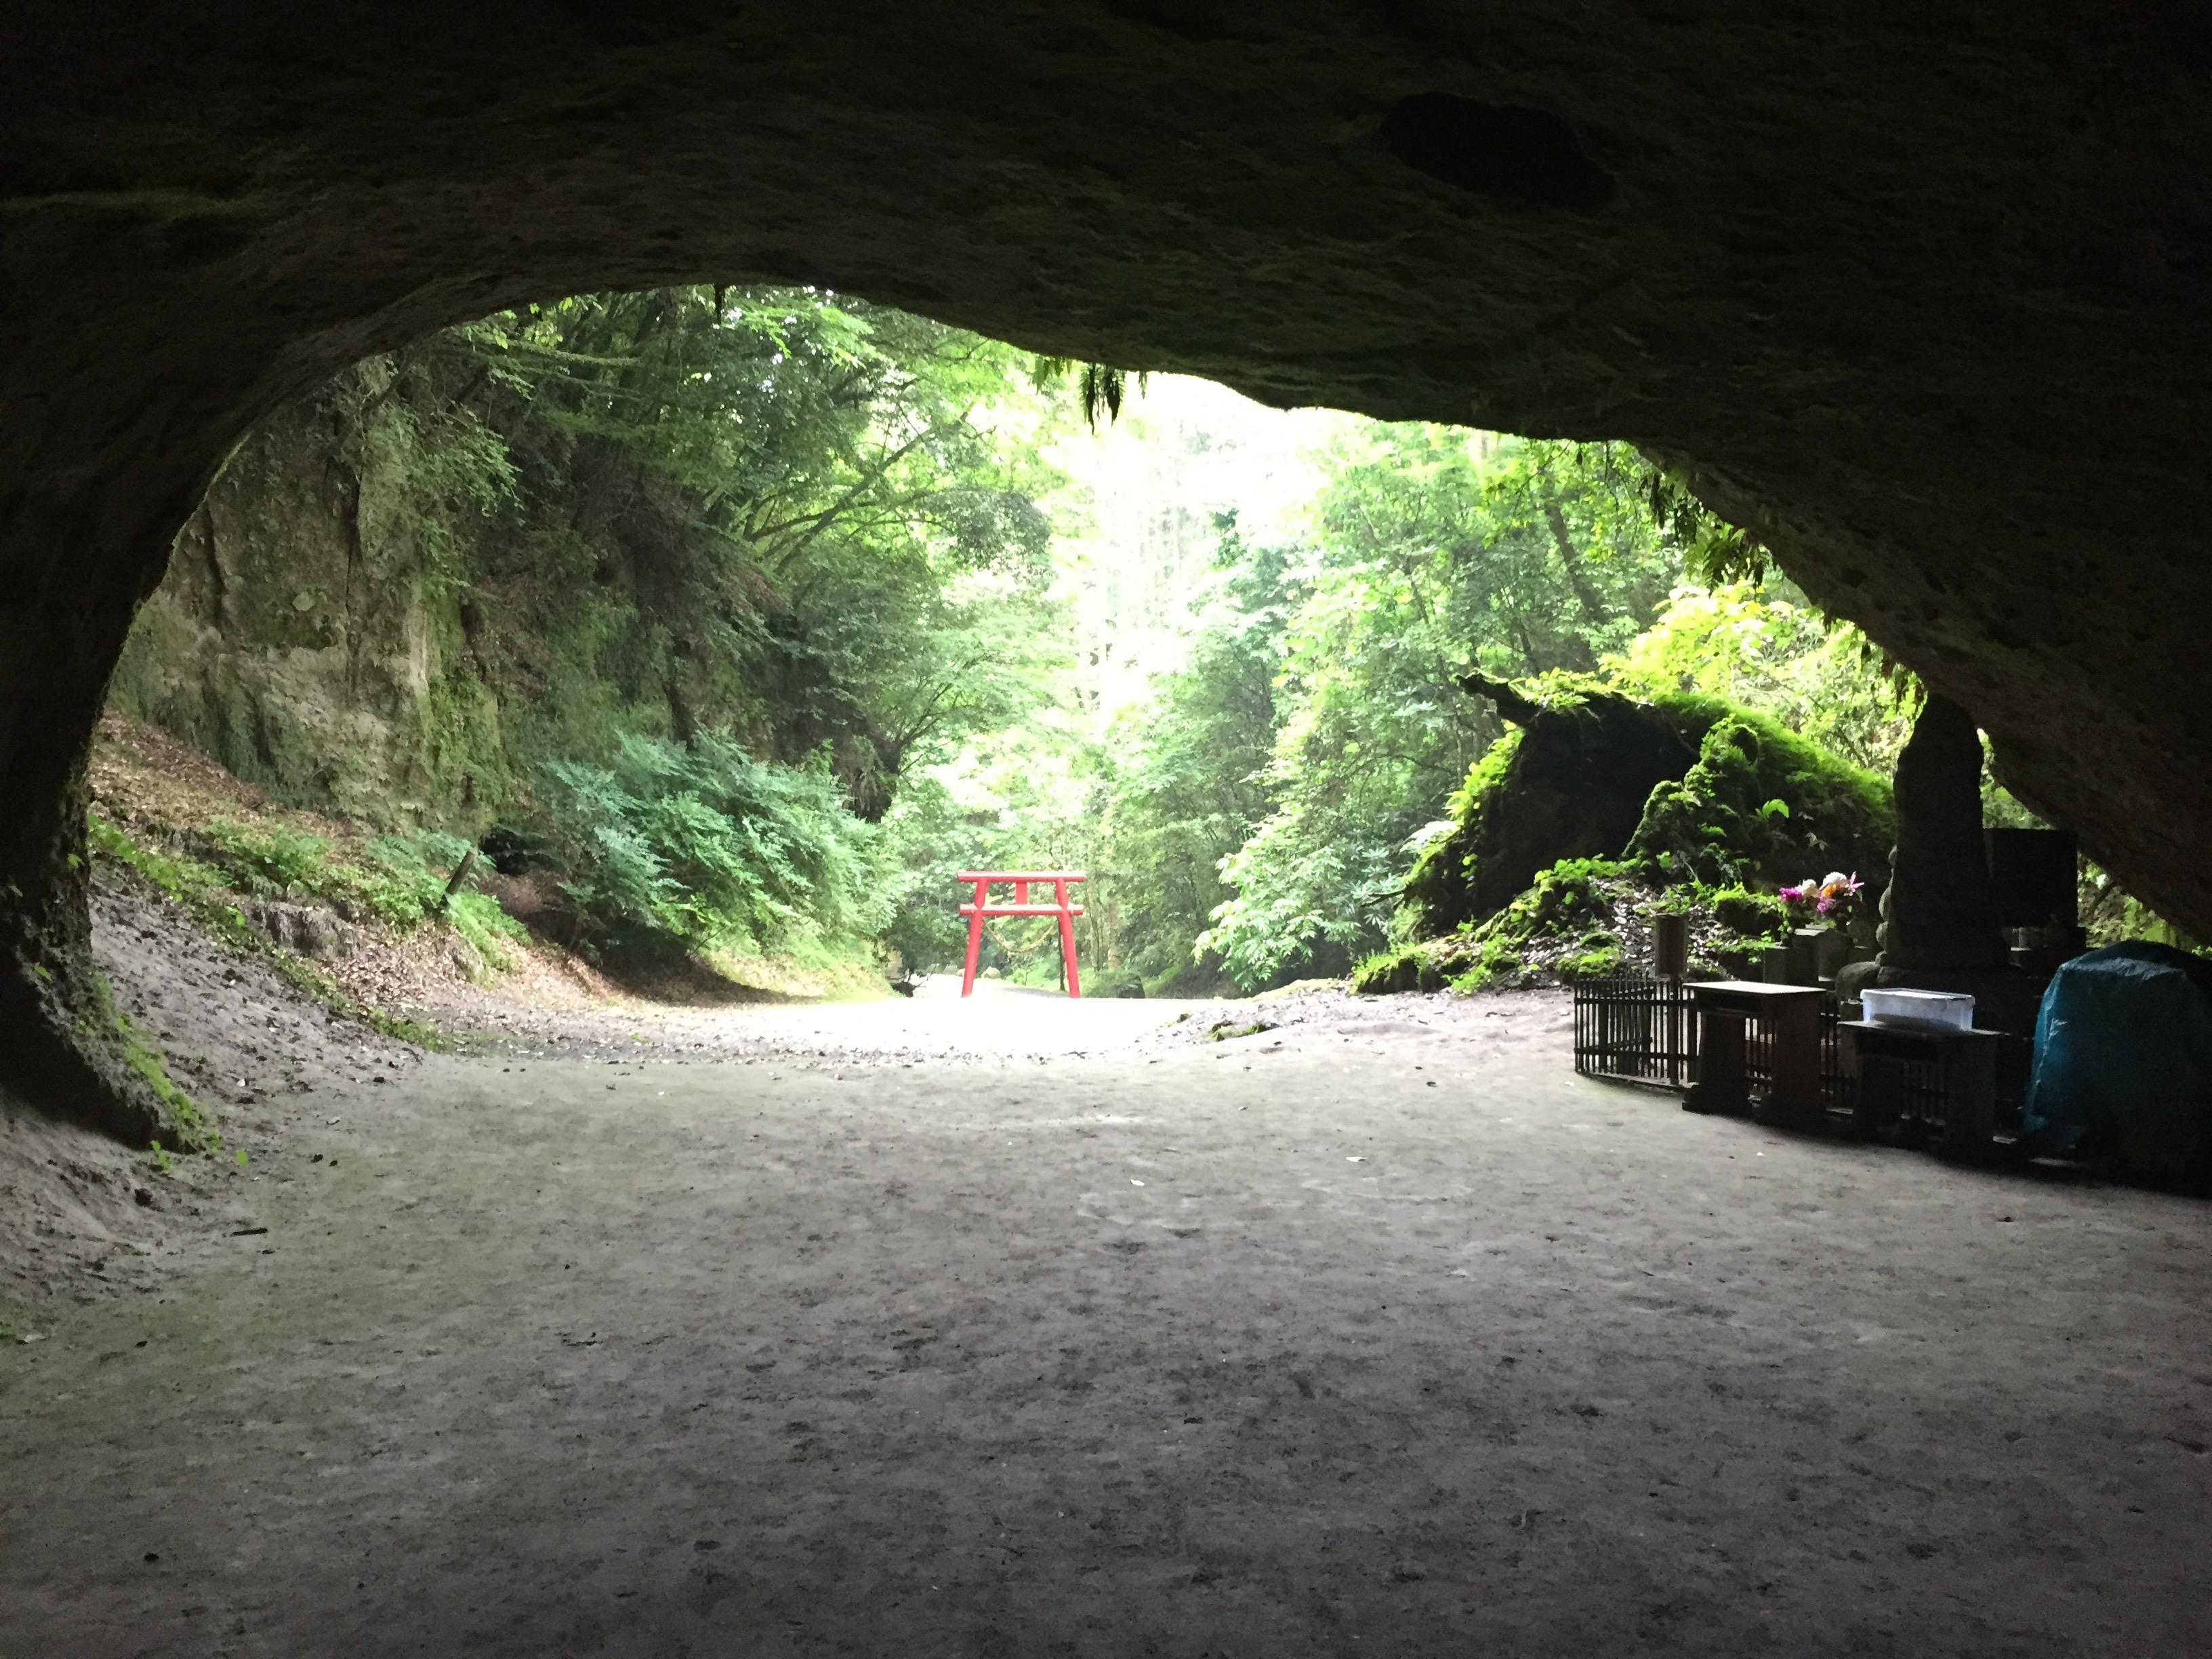 鹿児島県曽於市の溝ノ口洞穴に行ってきたよ